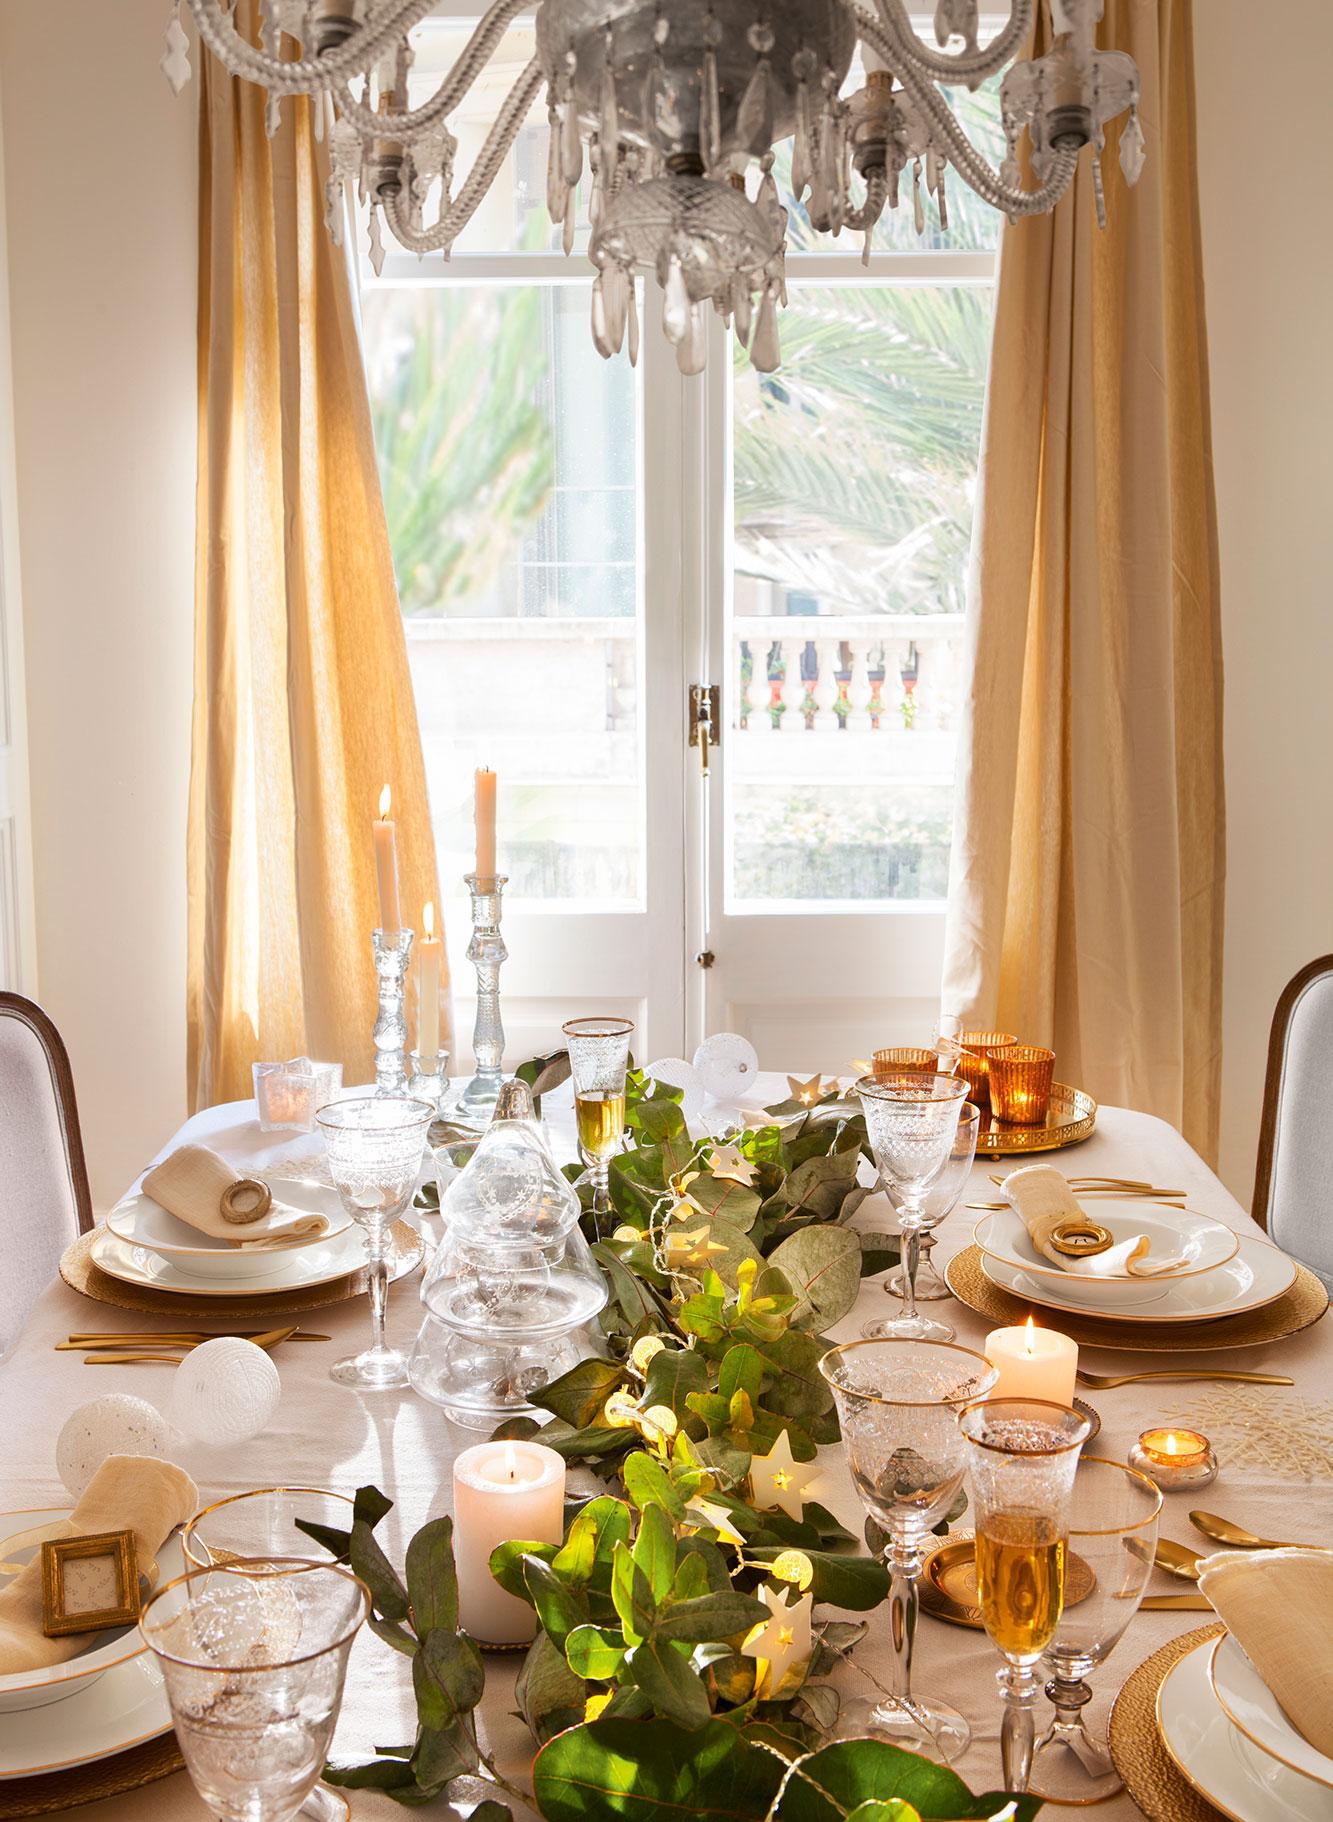 15 propuestas para decorar la mesa de fiesta - Luces para comedor ...